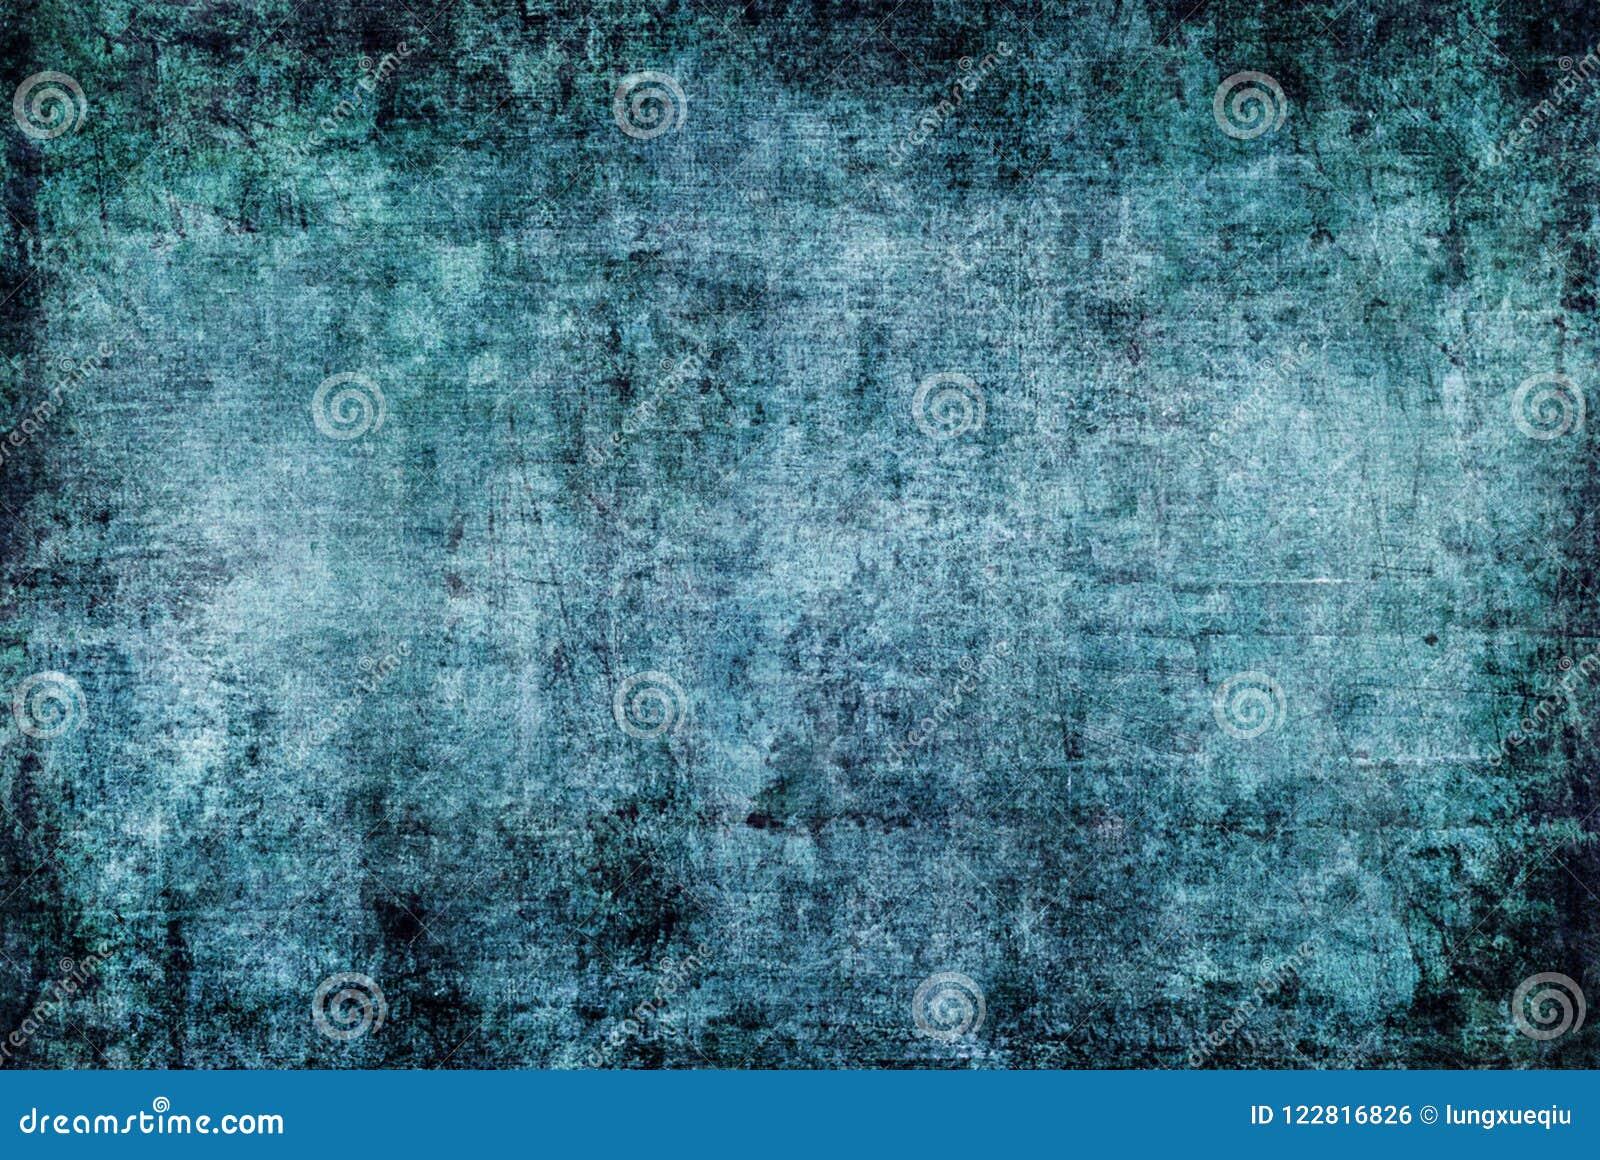 Текстура спада темного абстрактного Grunge голубого зеленого цвета картины ржавая передернутая старая для обоев предпосылки осени